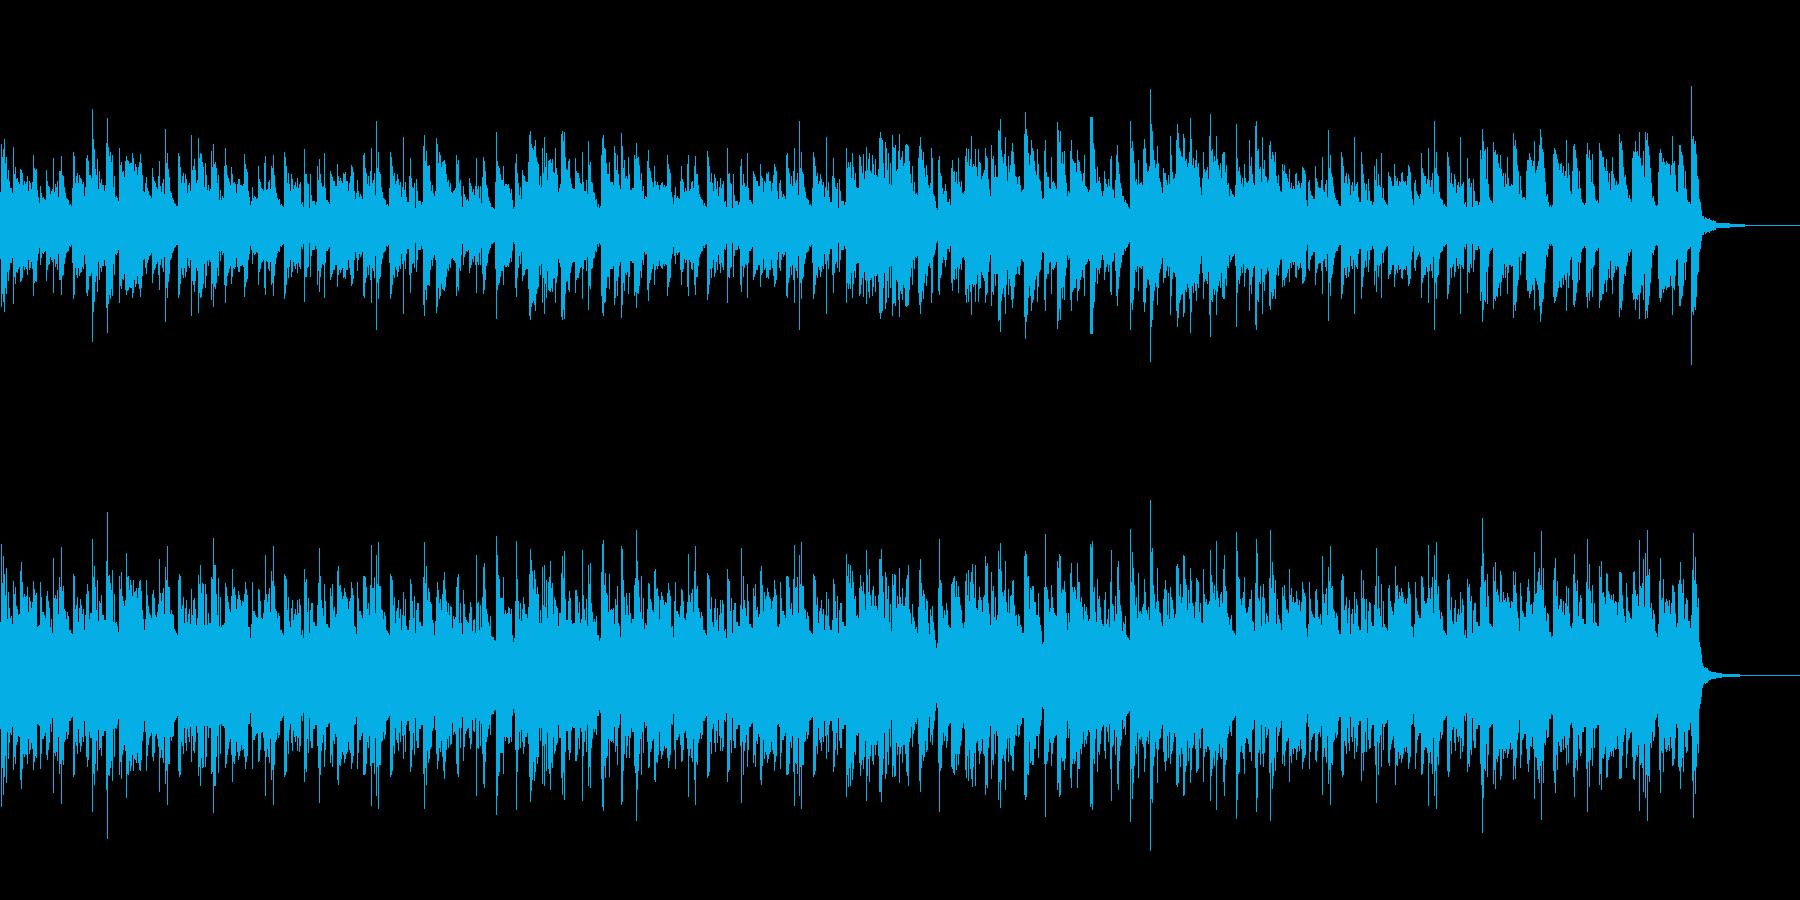 軽快なサンバ風の再生済みの波形